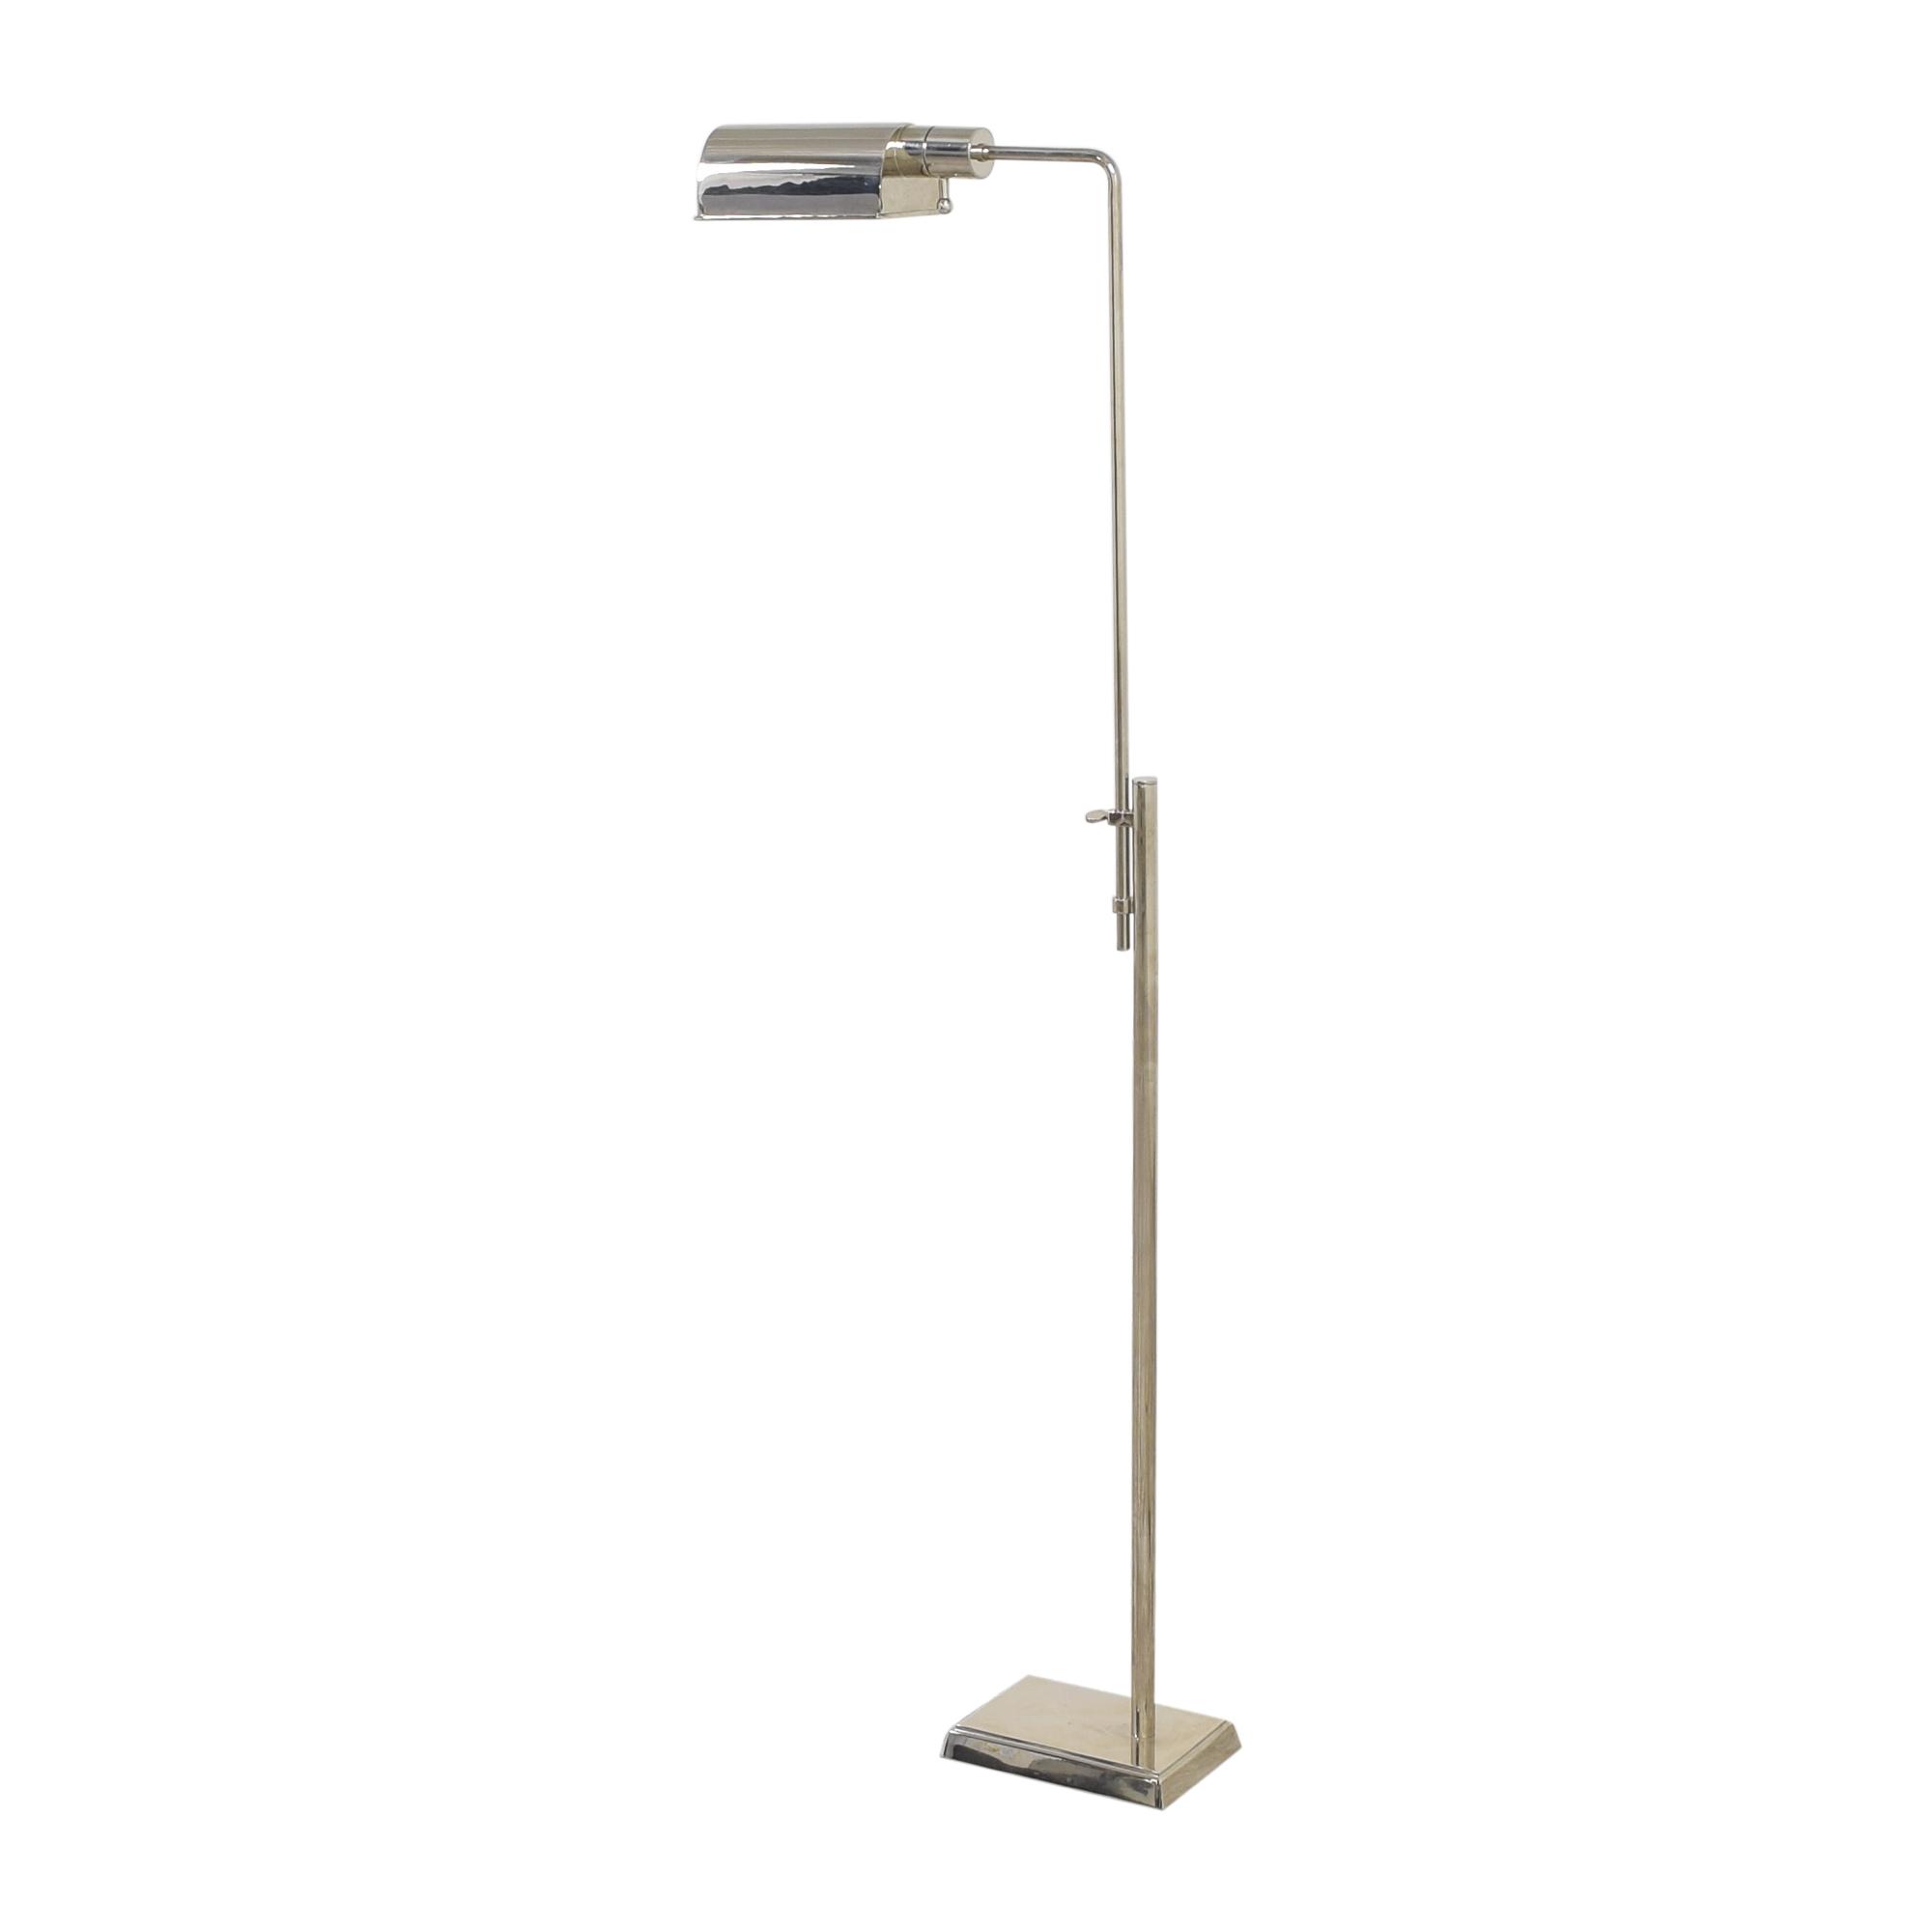 Burke Decor Pask Pharmacy Floor Lamp / Lamps